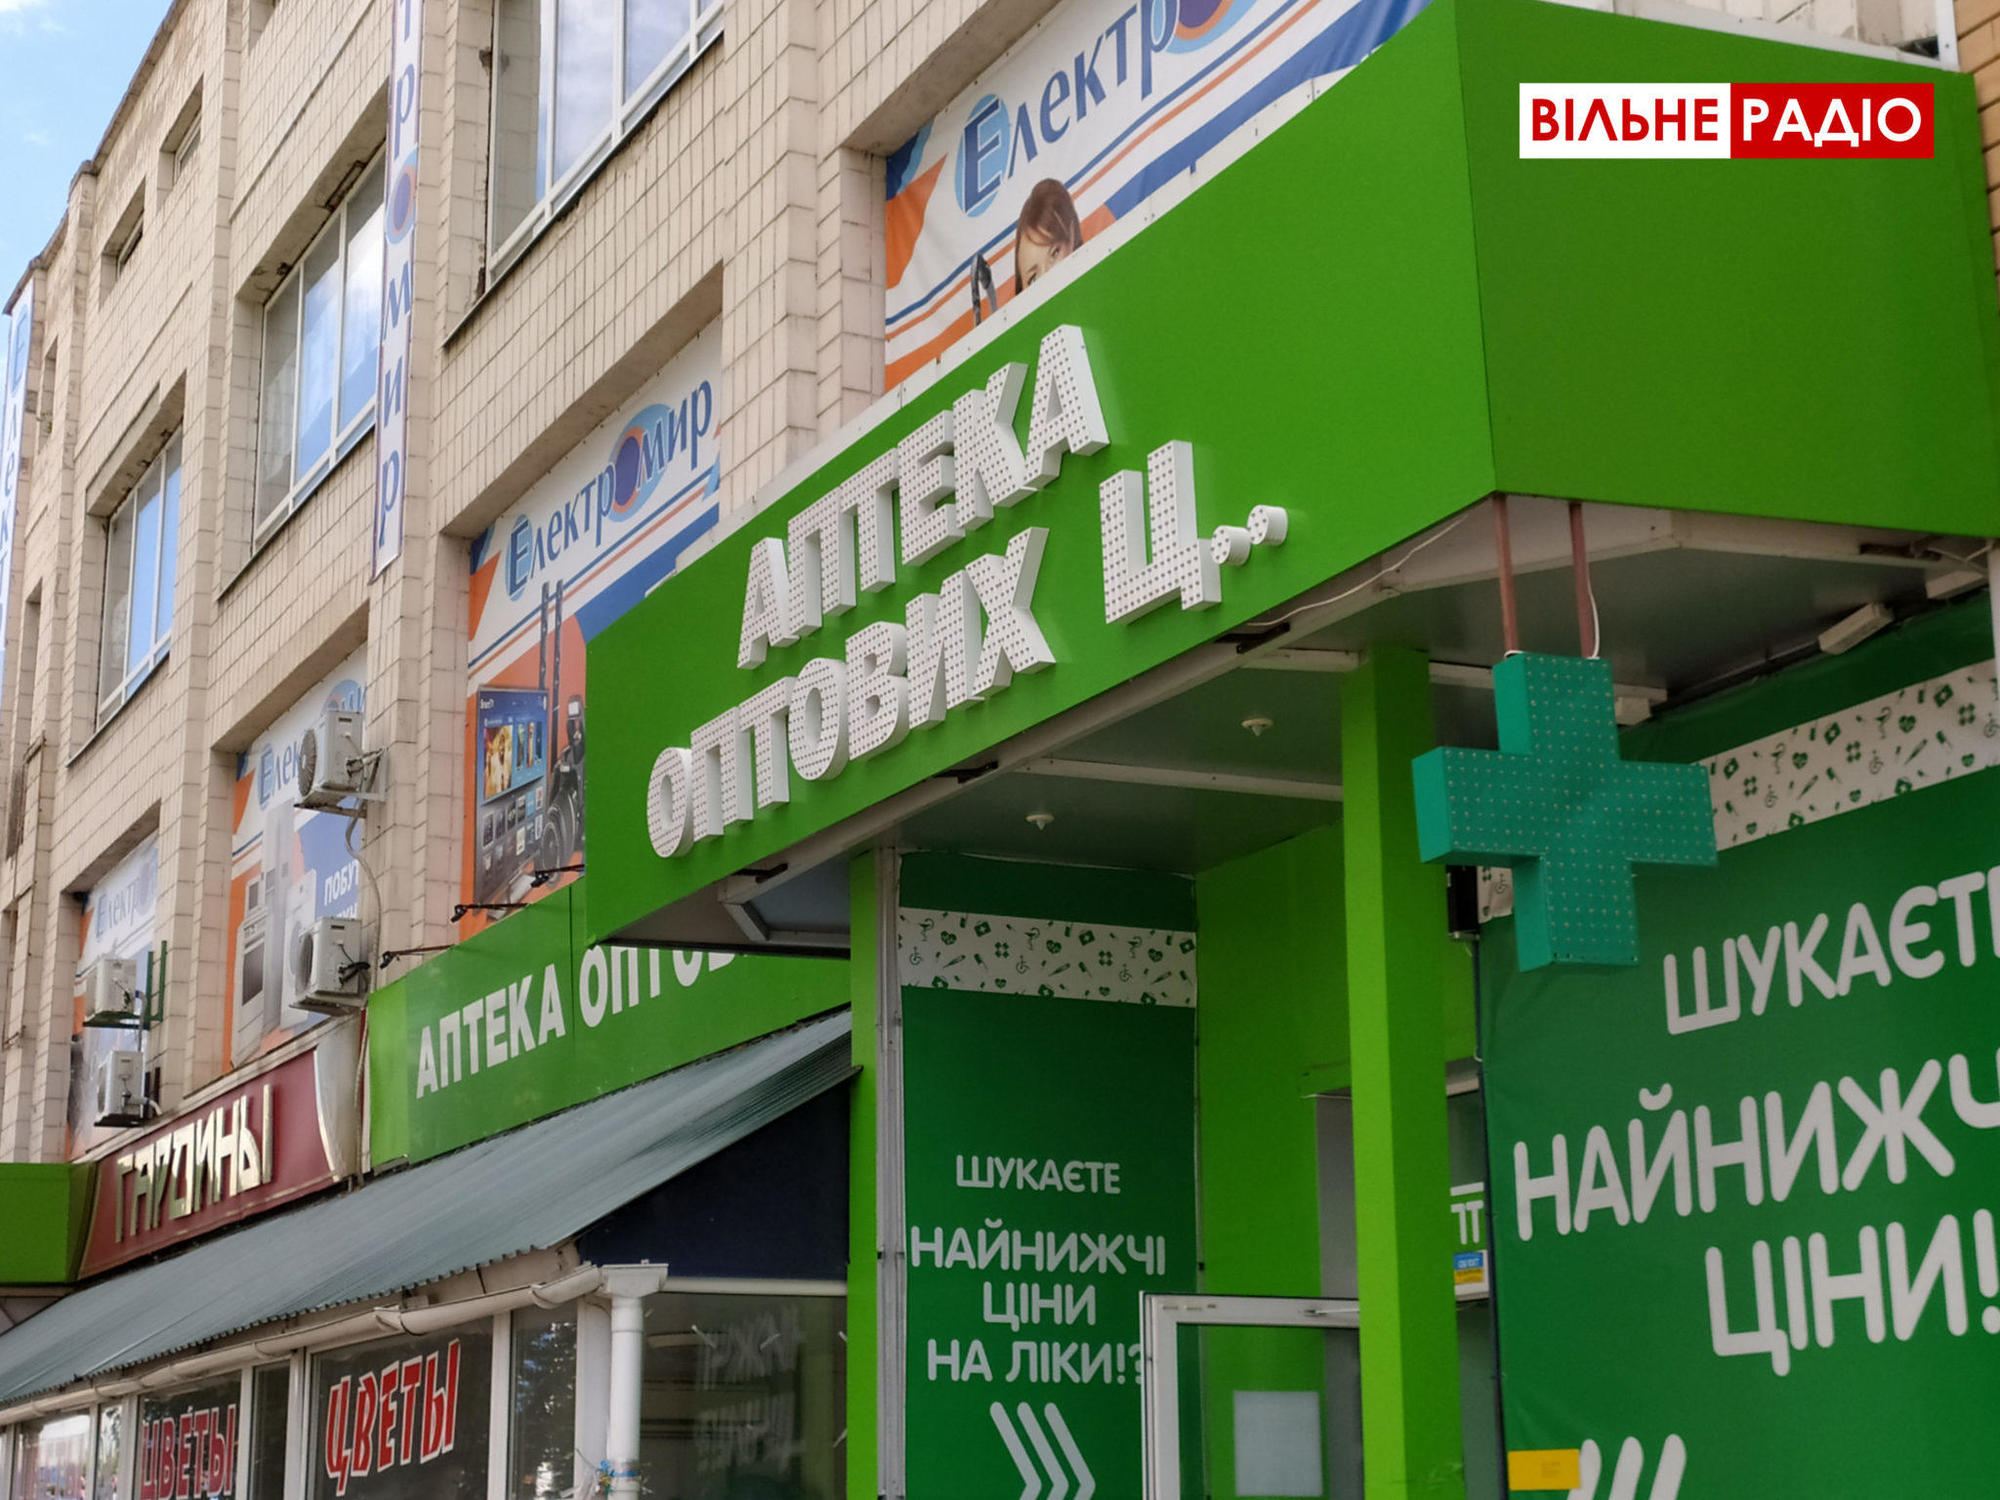 Ціна захисту від COVID-19: скільки коштують маски та респіратори в аптеках Бахмута (Аудит)